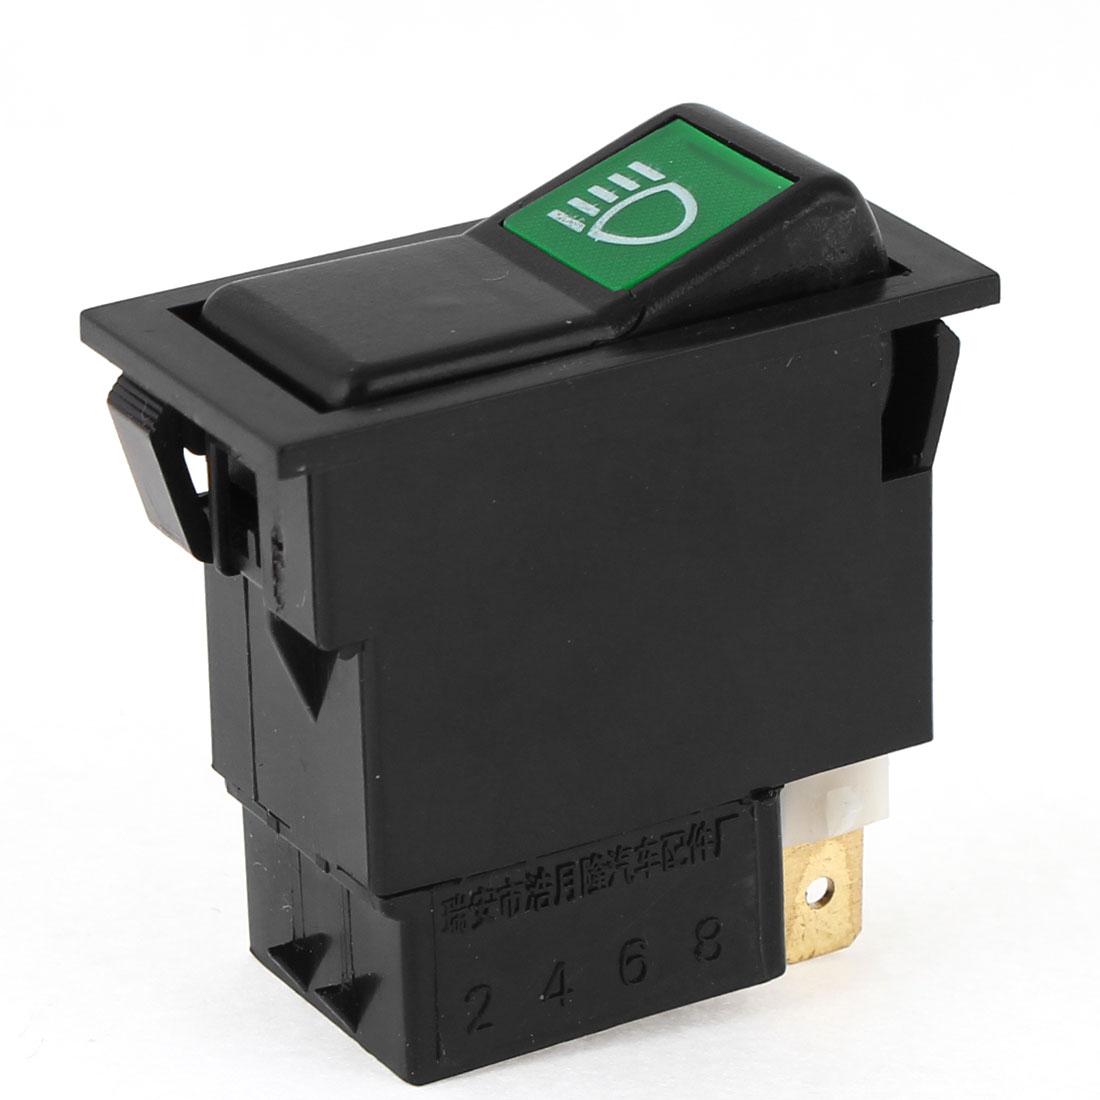 Dc 12 В 6 контакт. ON-OFF противотуманные фары клавишный переключатель для авто скидки до 50 установлен 42 мм x 22 мм( L*W) для авто